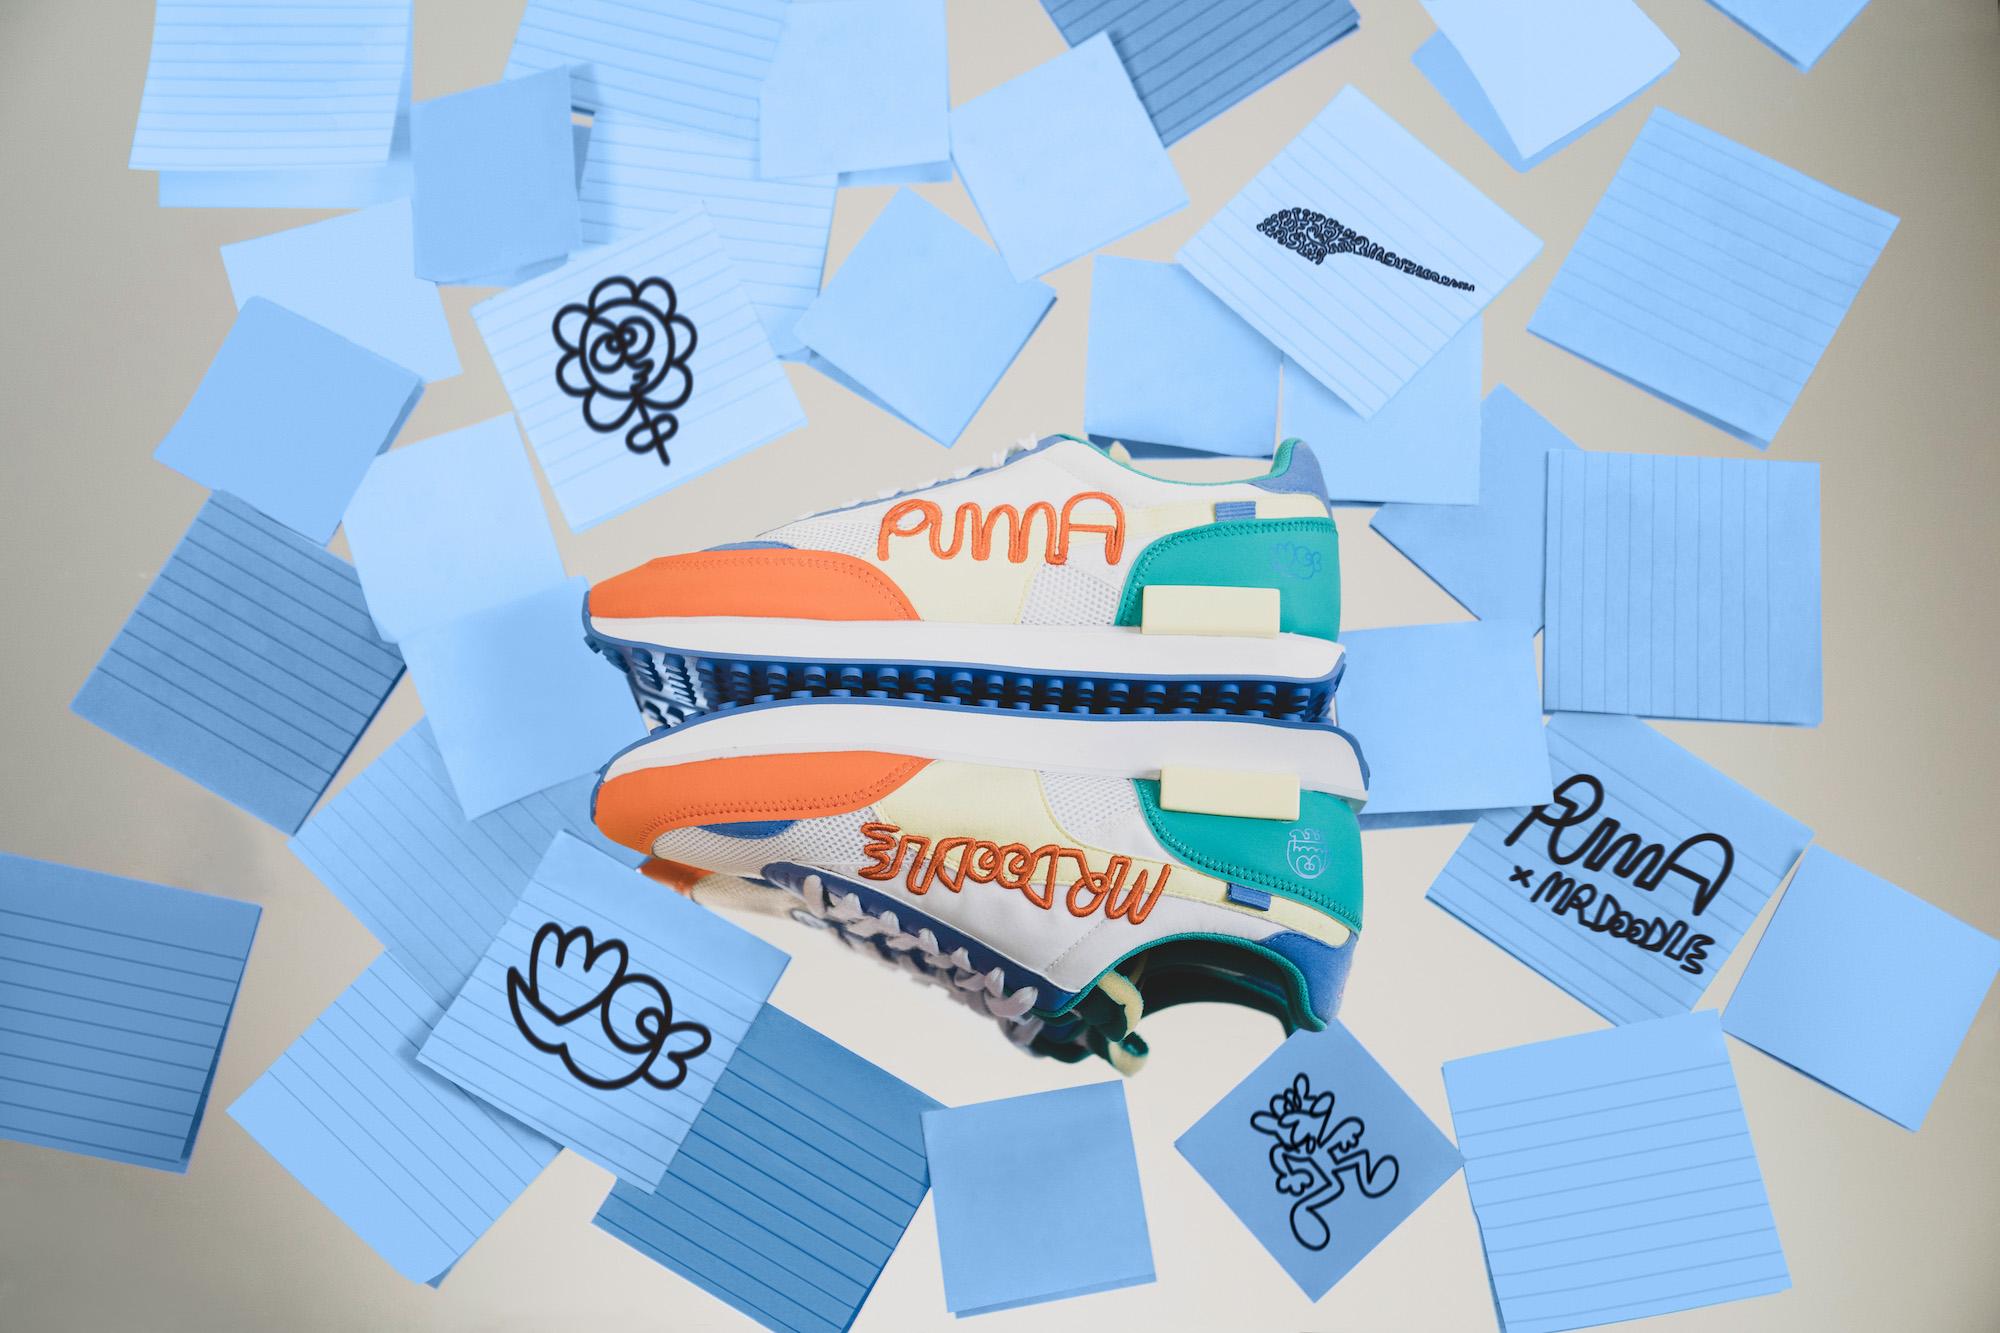 Mr. Doodleの新スタイル表現 PUMA新作コレクション発売